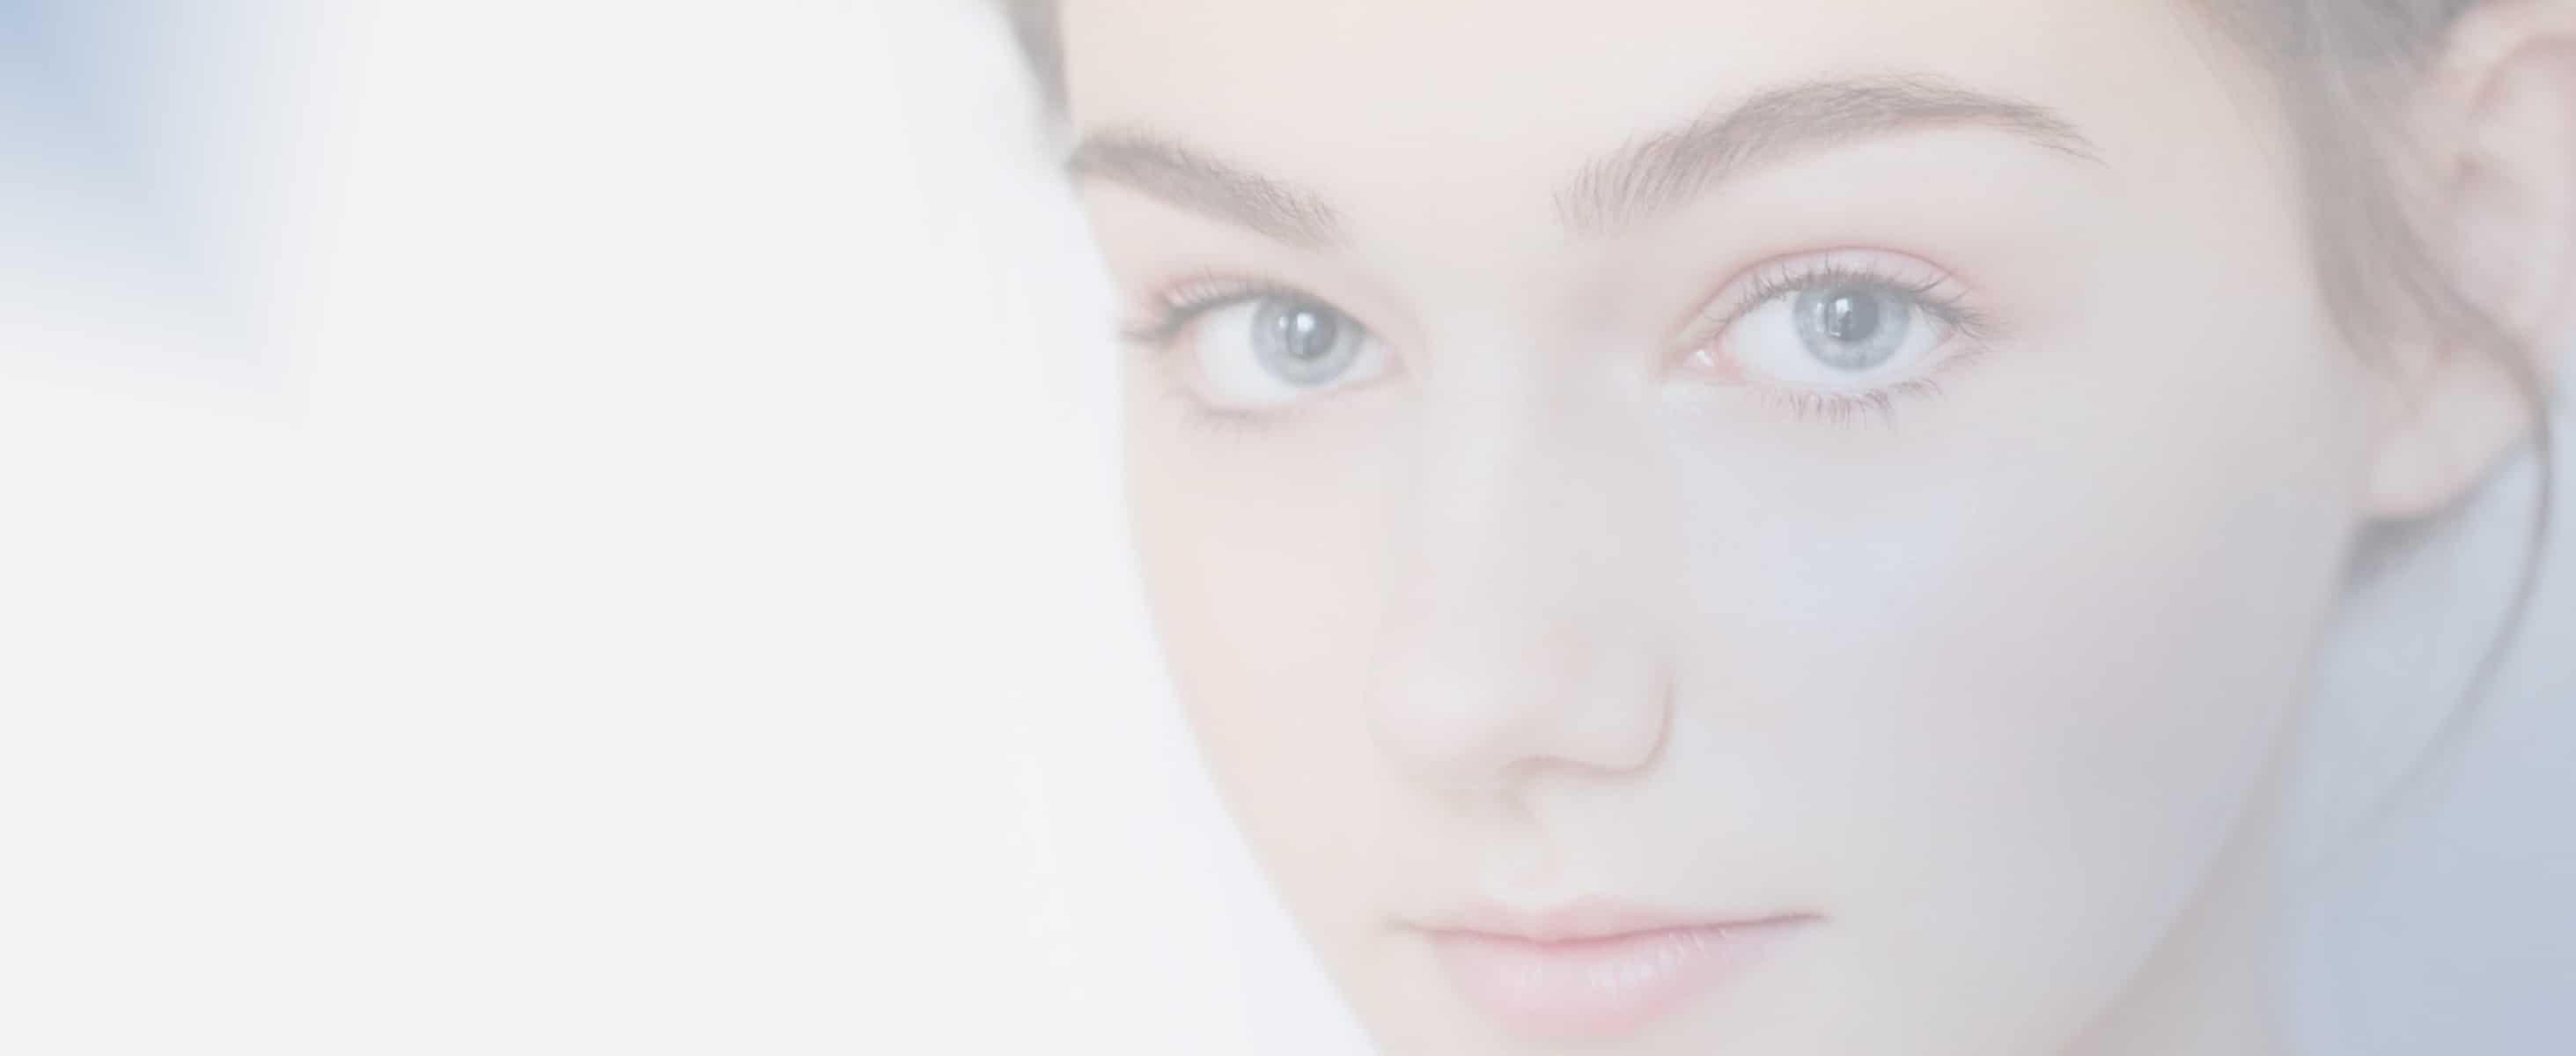 LAVIEEN es un láser de rejuvenecimiento cutáneo no ablativo que ofrece resultados notablesen un tiempo mínimo. blanqueamiento, pigmentación, arrugas, poros, luminosidad